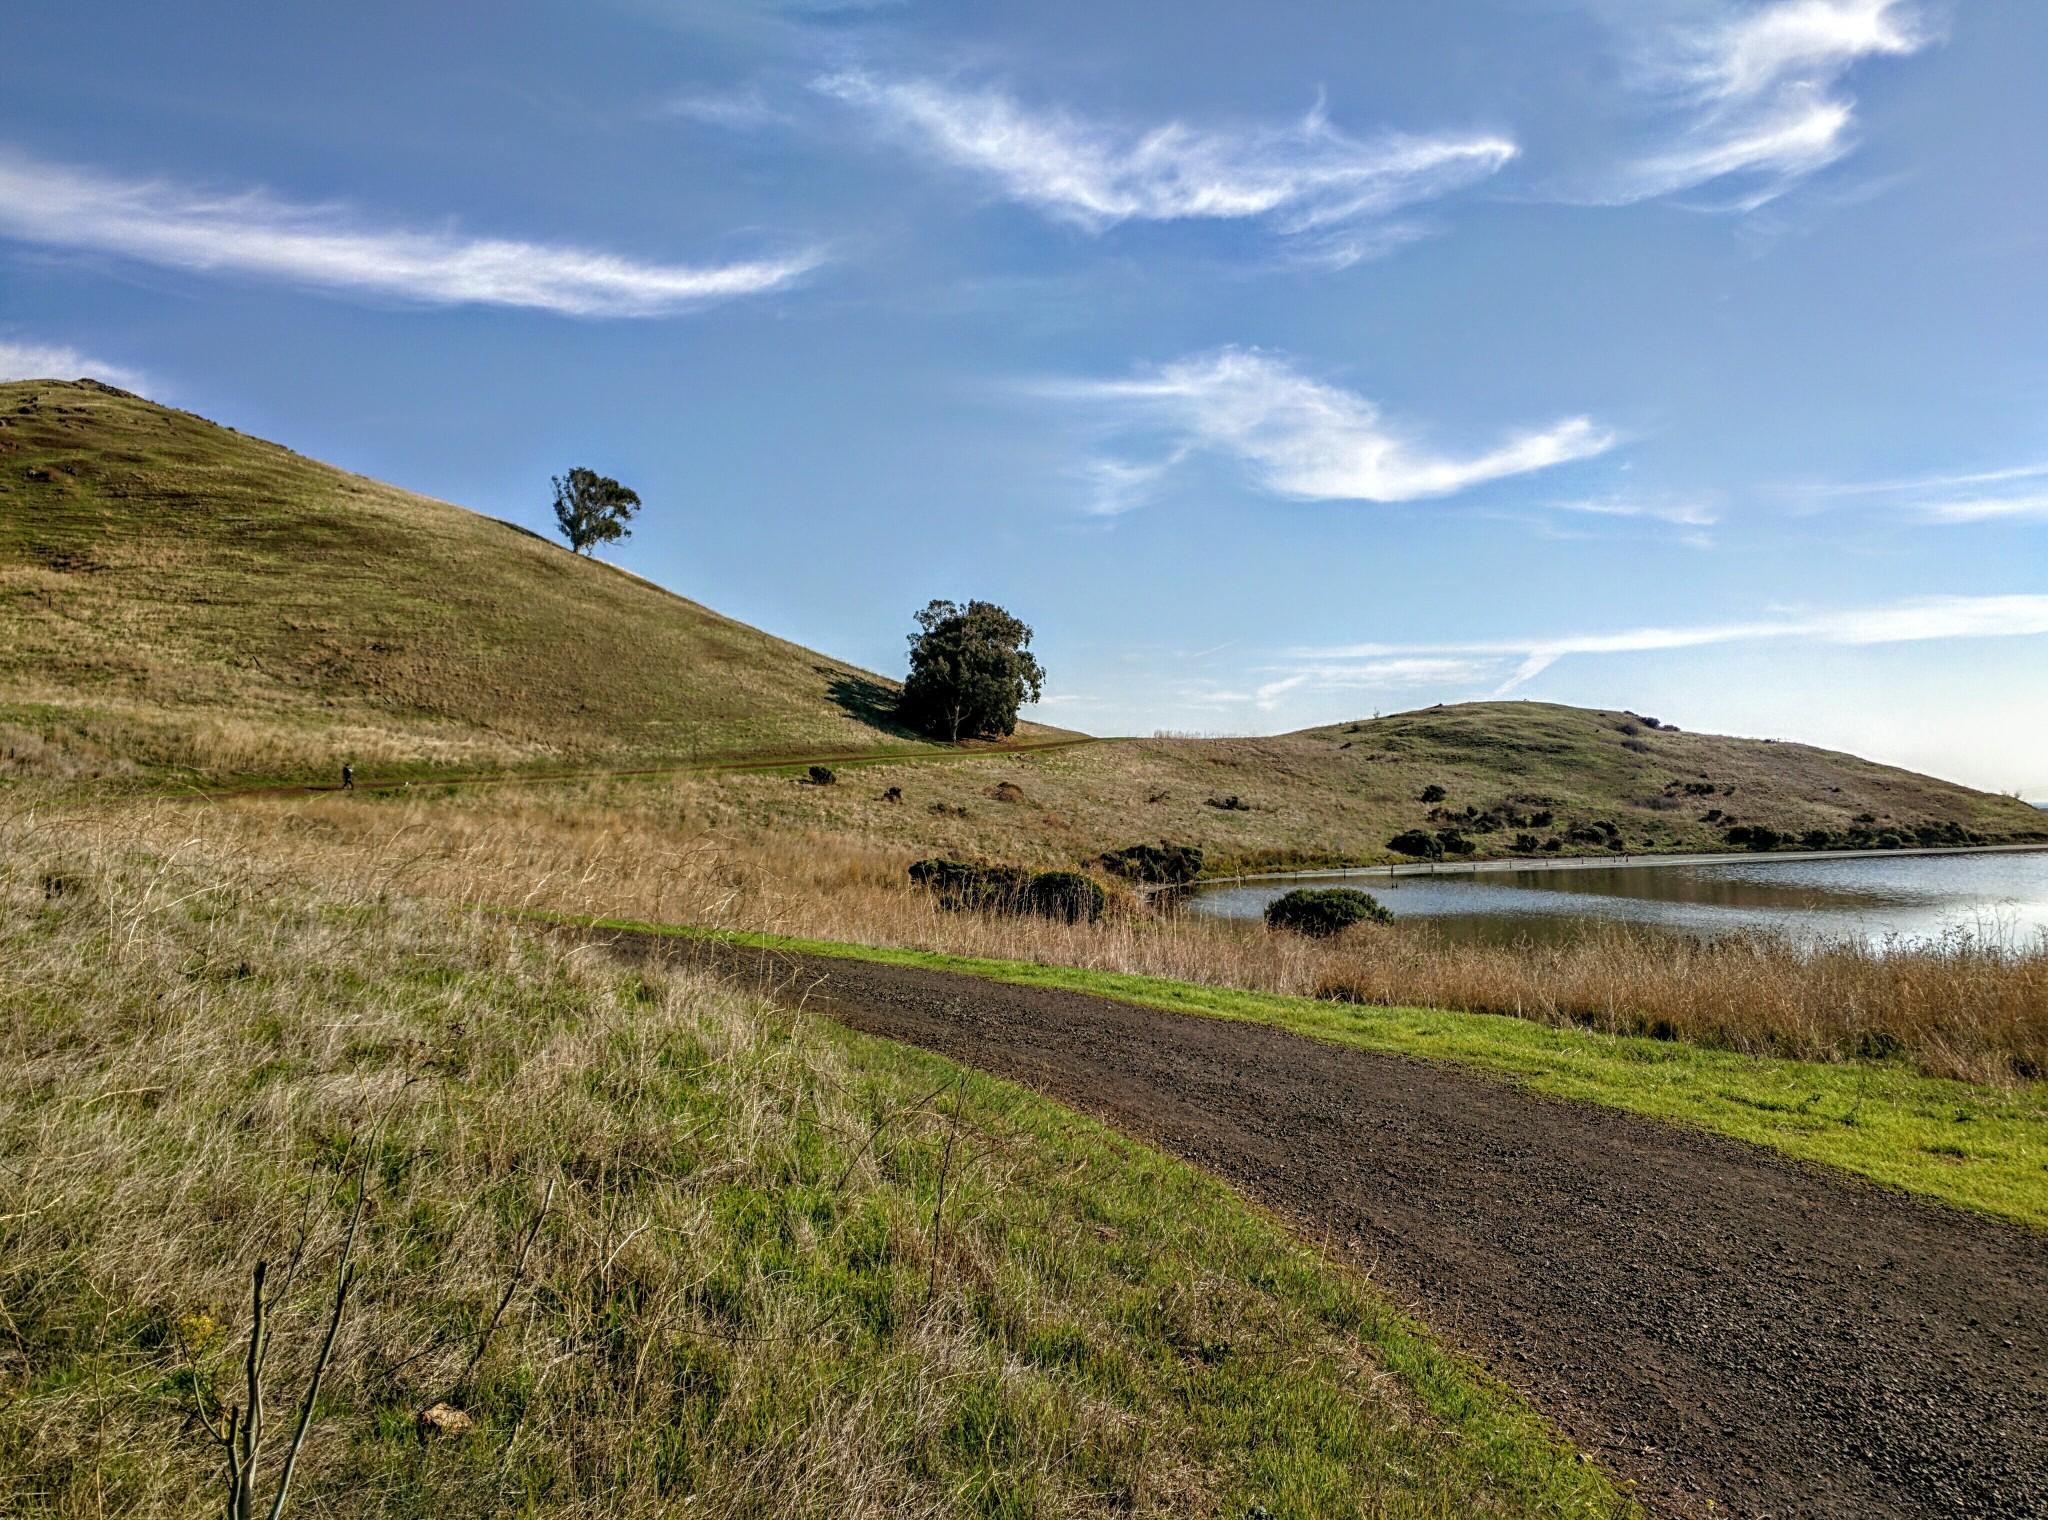 Lo splendido percorso attorno alle colline del Coyote Hills Regional Park